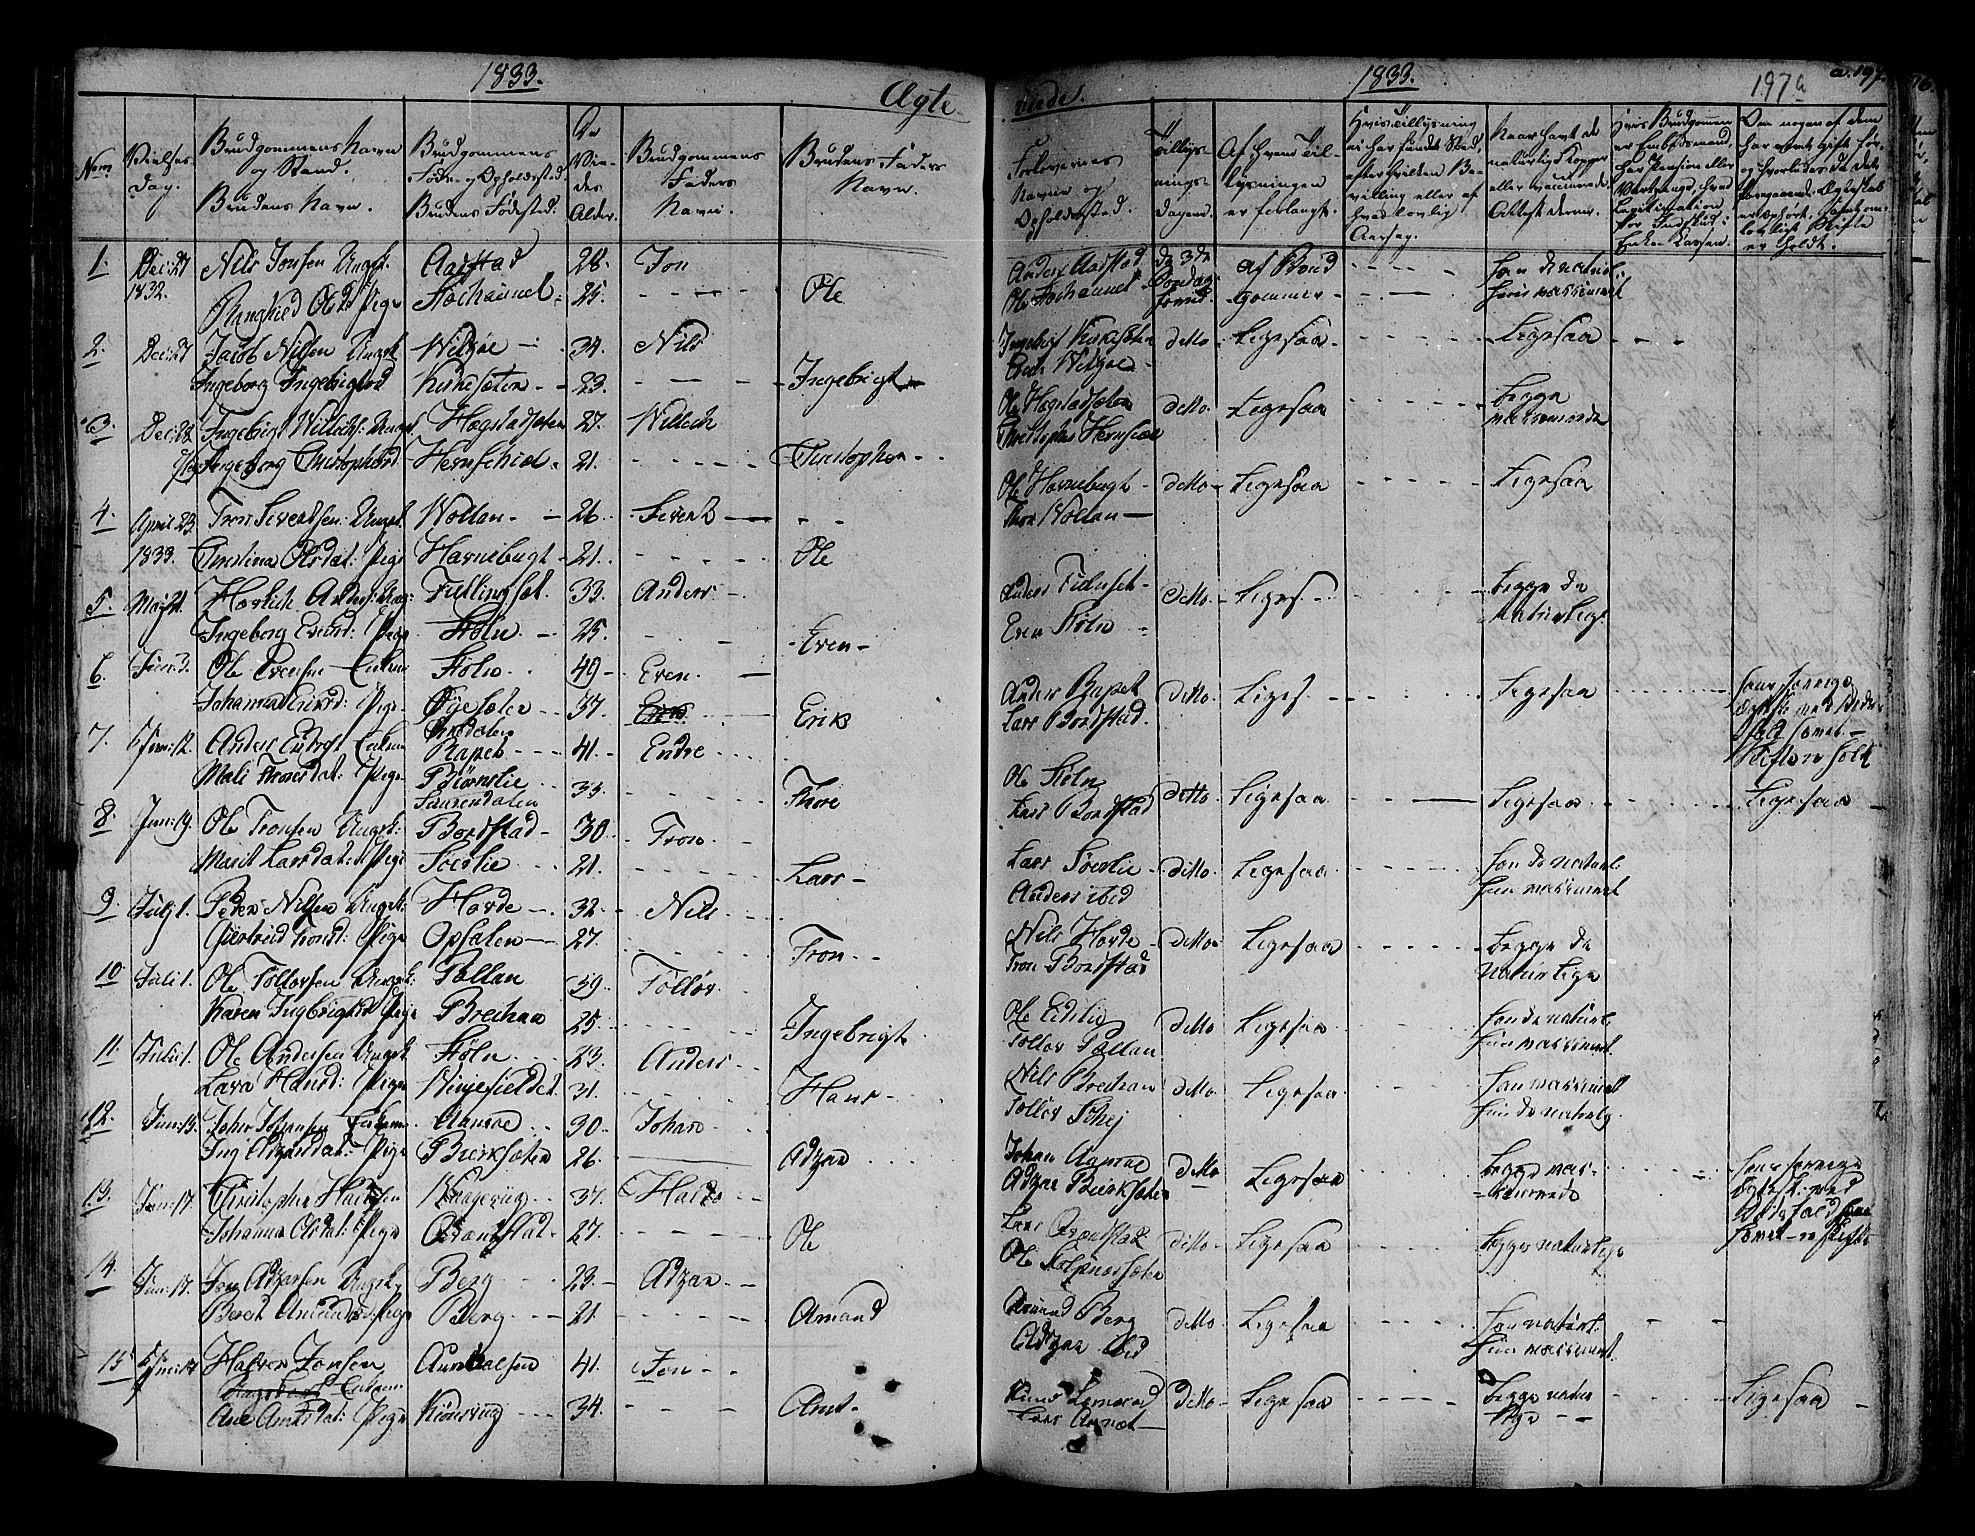 SAT, Ministerialprotokoller, klokkerbøker og fødselsregistre - Sør-Trøndelag, 630/L0492: Ministerialbok nr. 630A05, 1830-1840, s. 197a